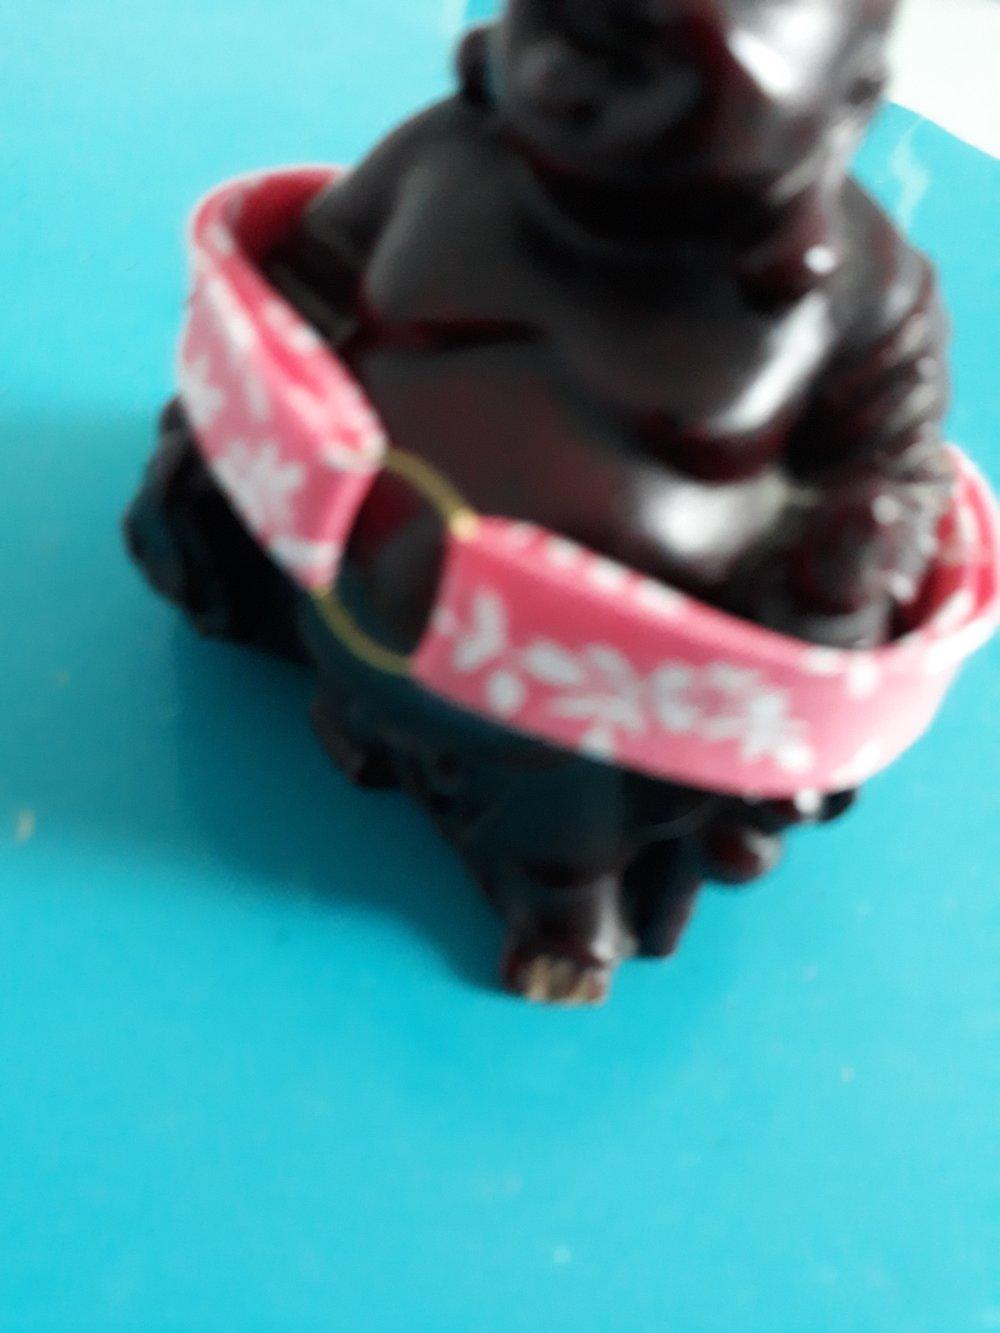 Un autre bracelet liberty dans une bande de tissu rose